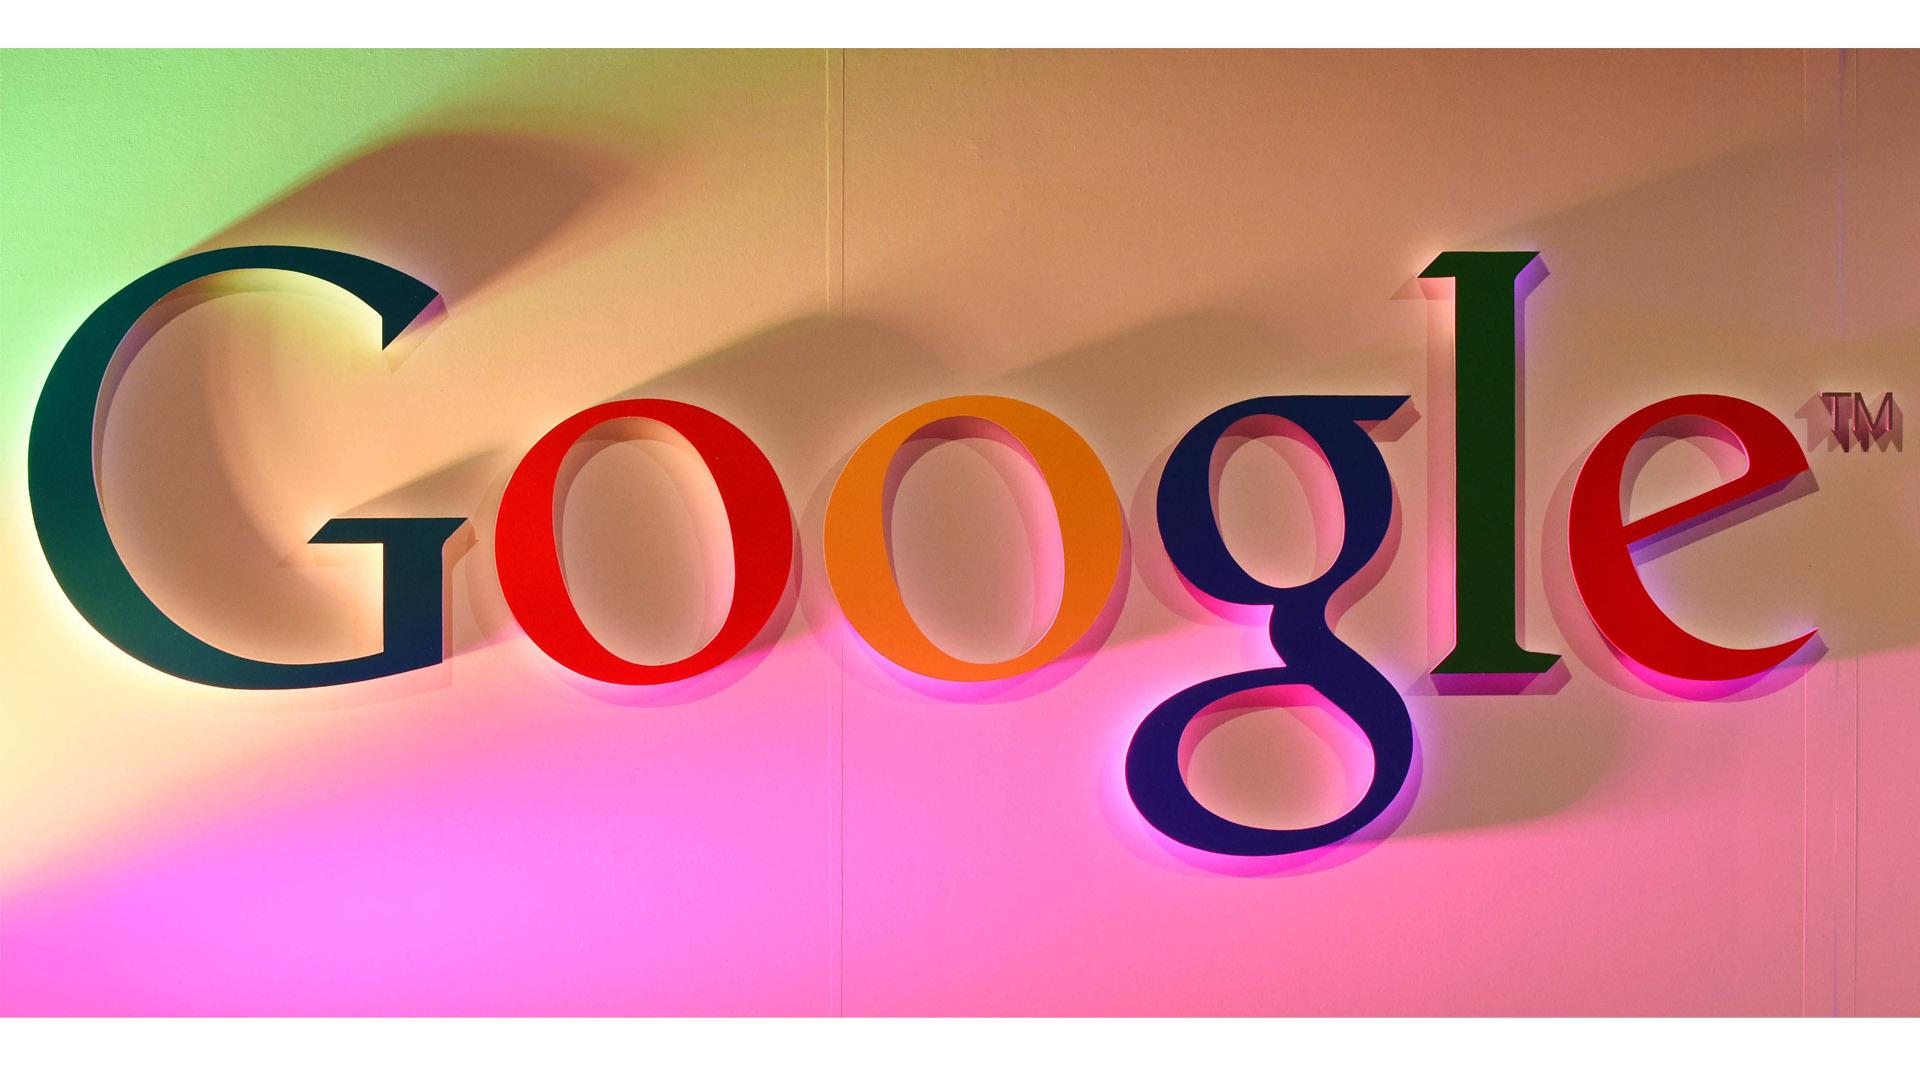 El mayor motor de búsqueda de internet renueva calendario en medio de un contundente éxito